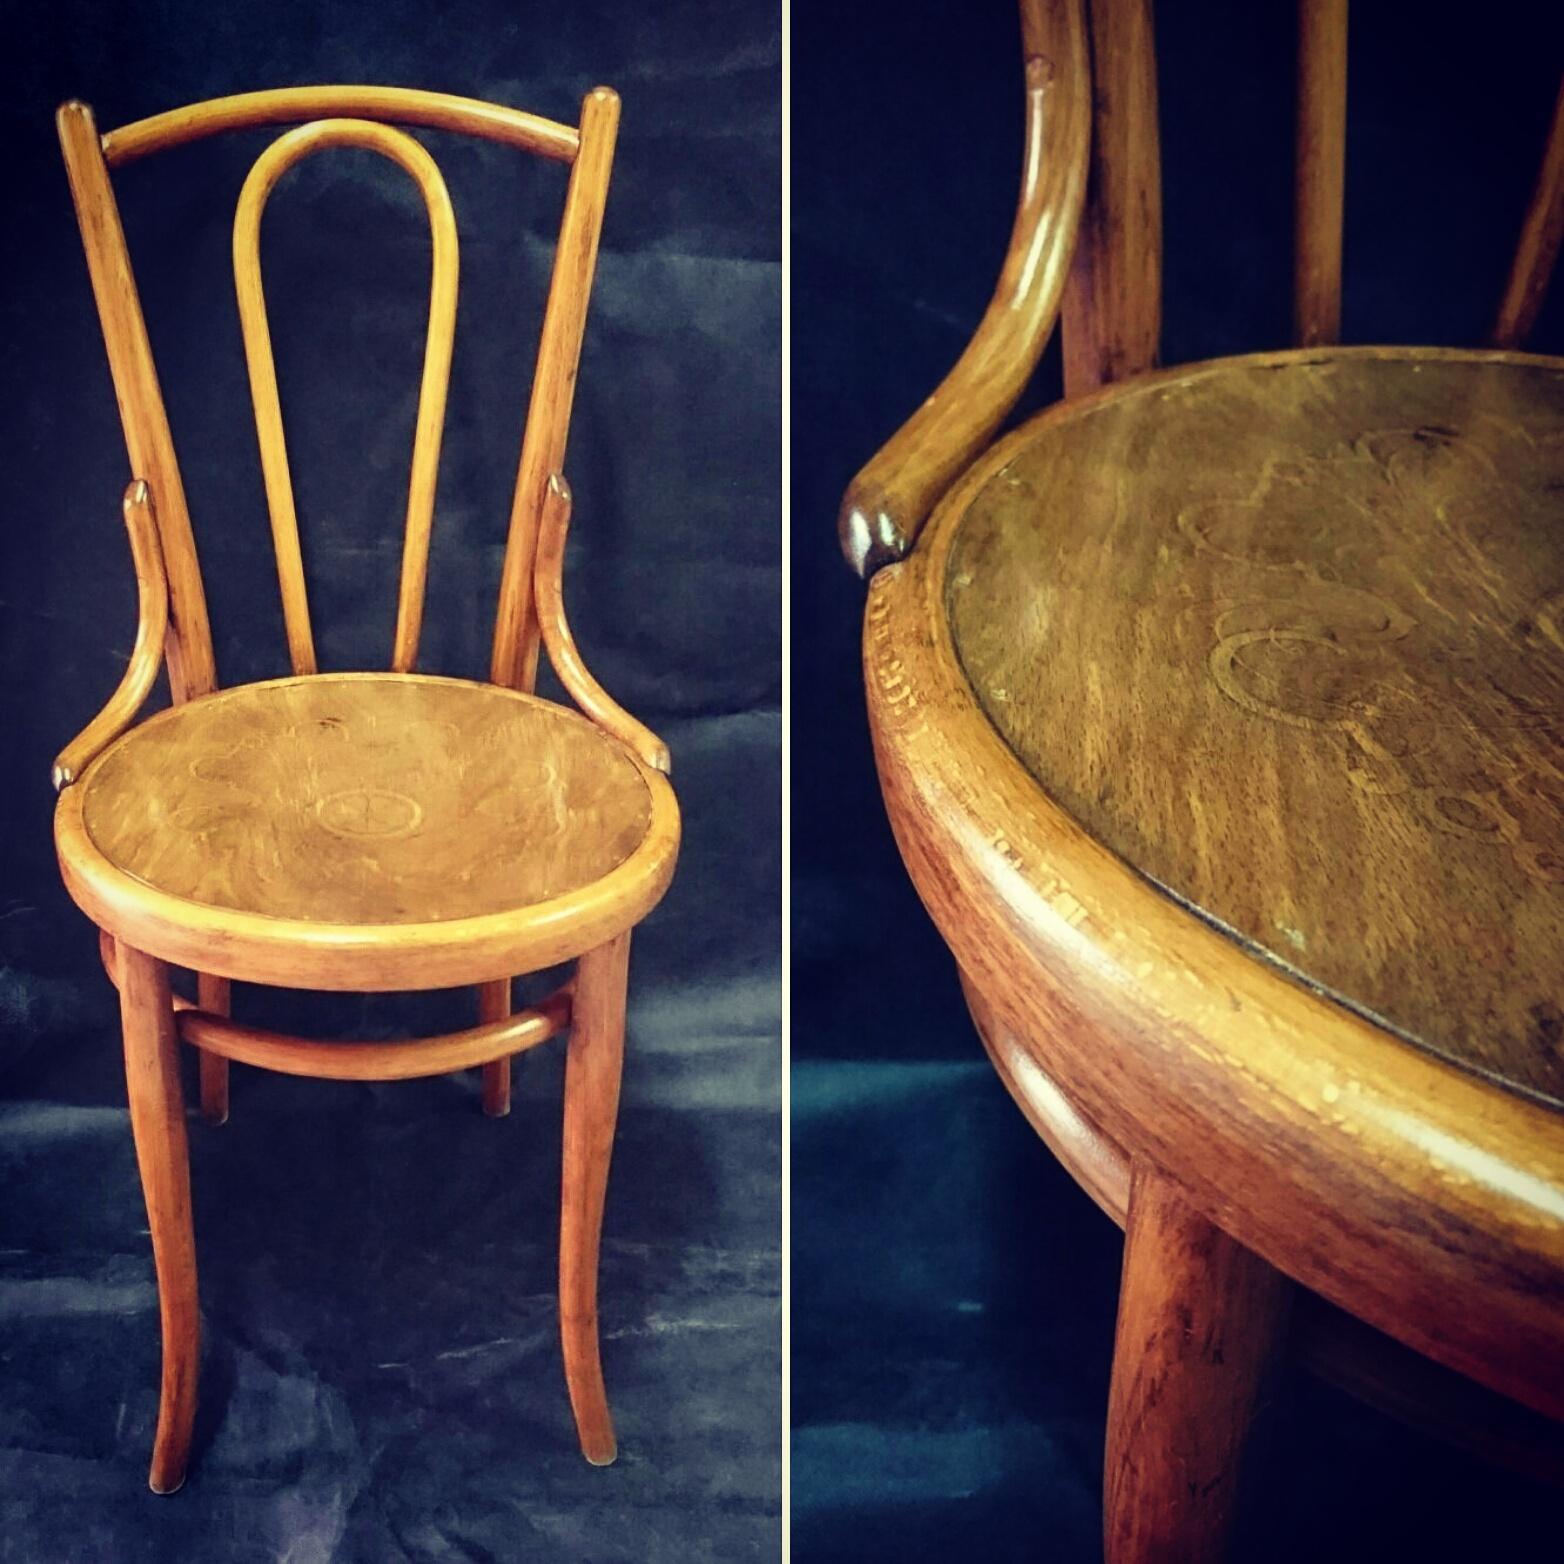 krzesło Thonet po odnowieniu, sprzedaż antyków, antyki na sprzedaż, renowacja mebli, wrocław, oława, strzelin, odnawianie mebli krok po kroku